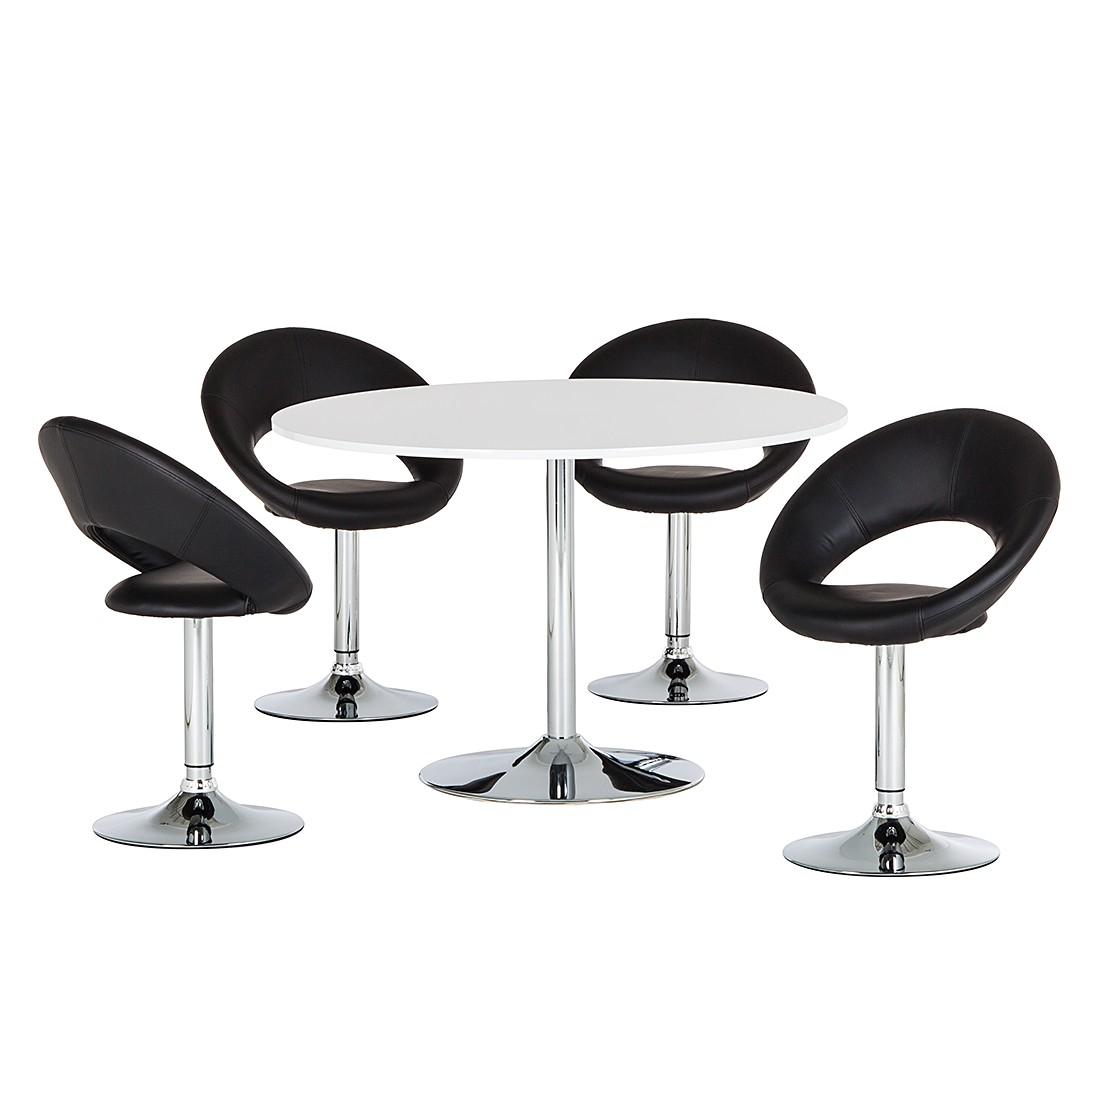 essgruppe keene 5 teilig hochglanz wei kunstleder schwarz. Black Bedroom Furniture Sets. Home Design Ideas